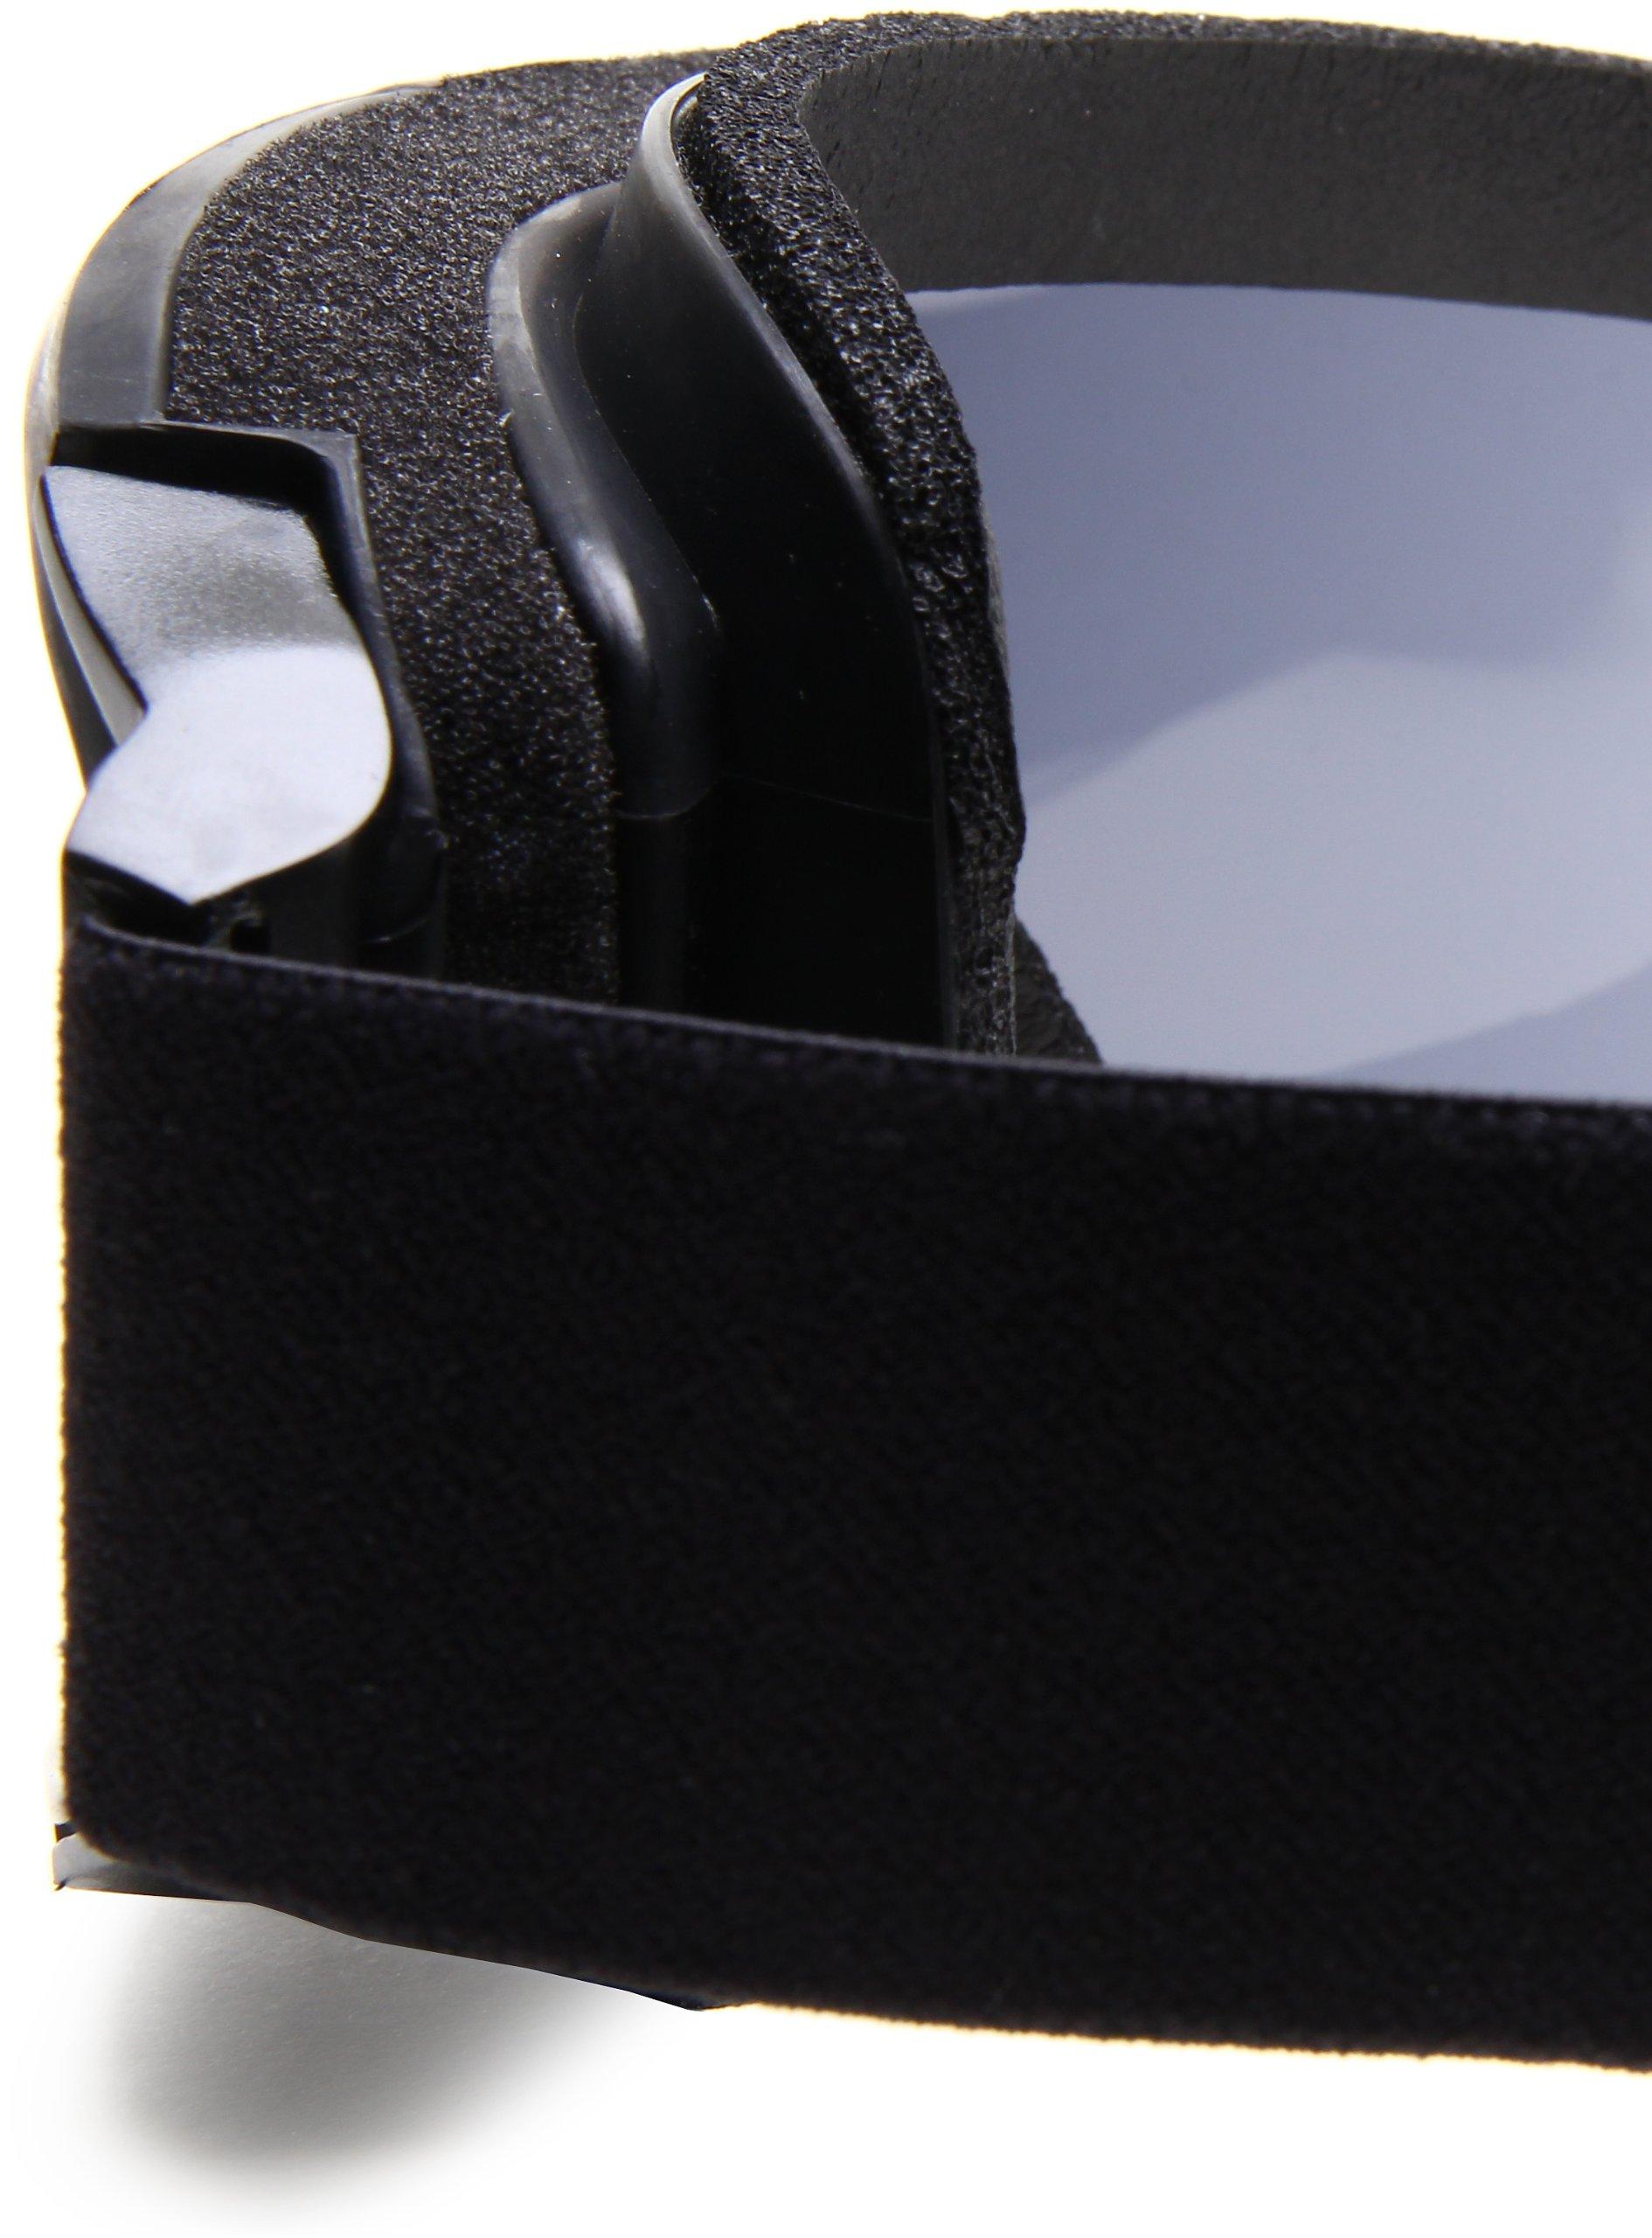 Bobster Alpha Ballistics Goggles, Black Frame/Smoke & Clear Lenses by Bobster Eyewear (Image #4)